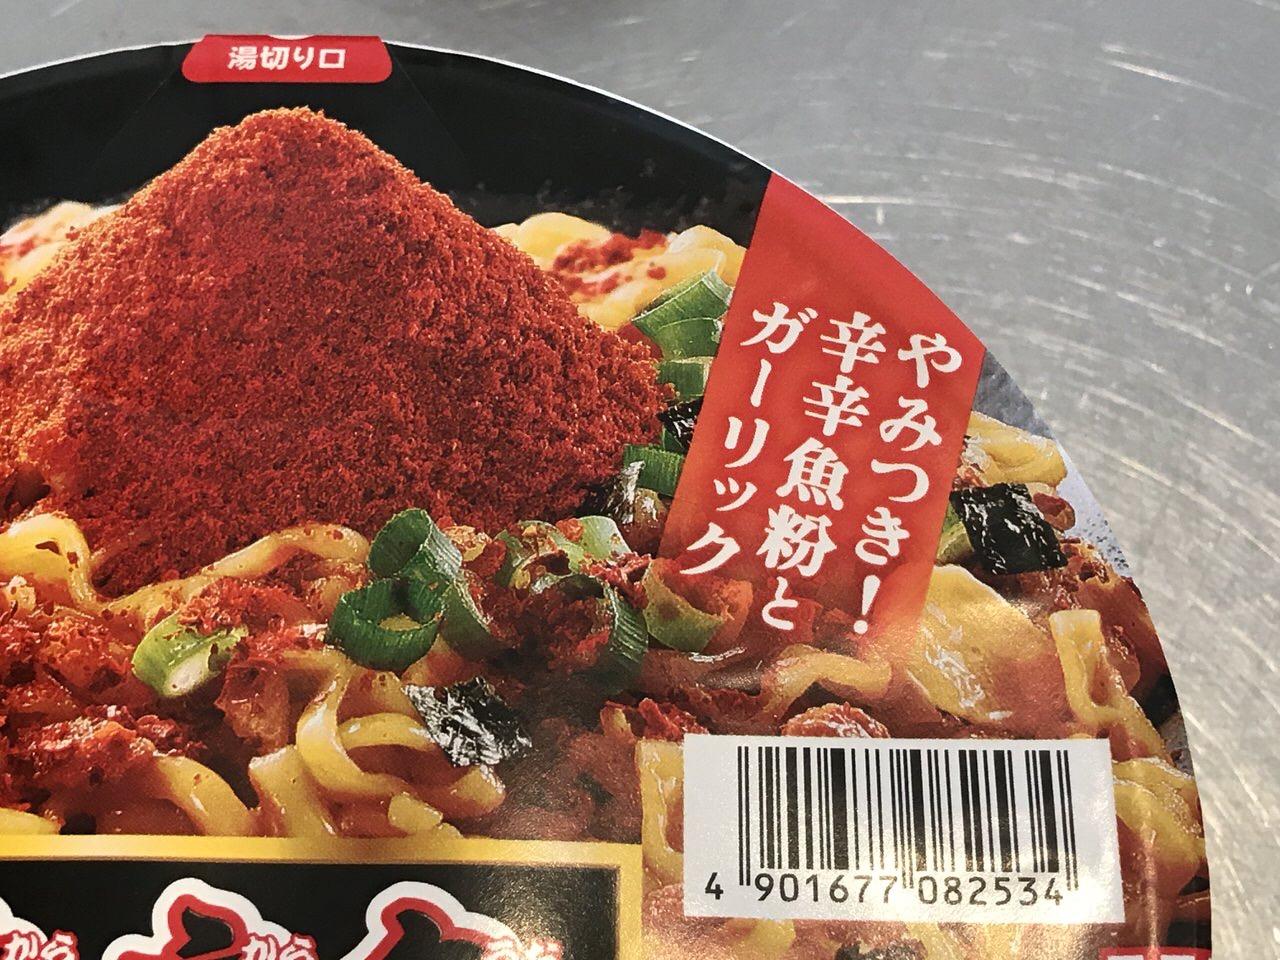 麺処井の庄監修「寿がきや 辛辛魚まぜそば」1